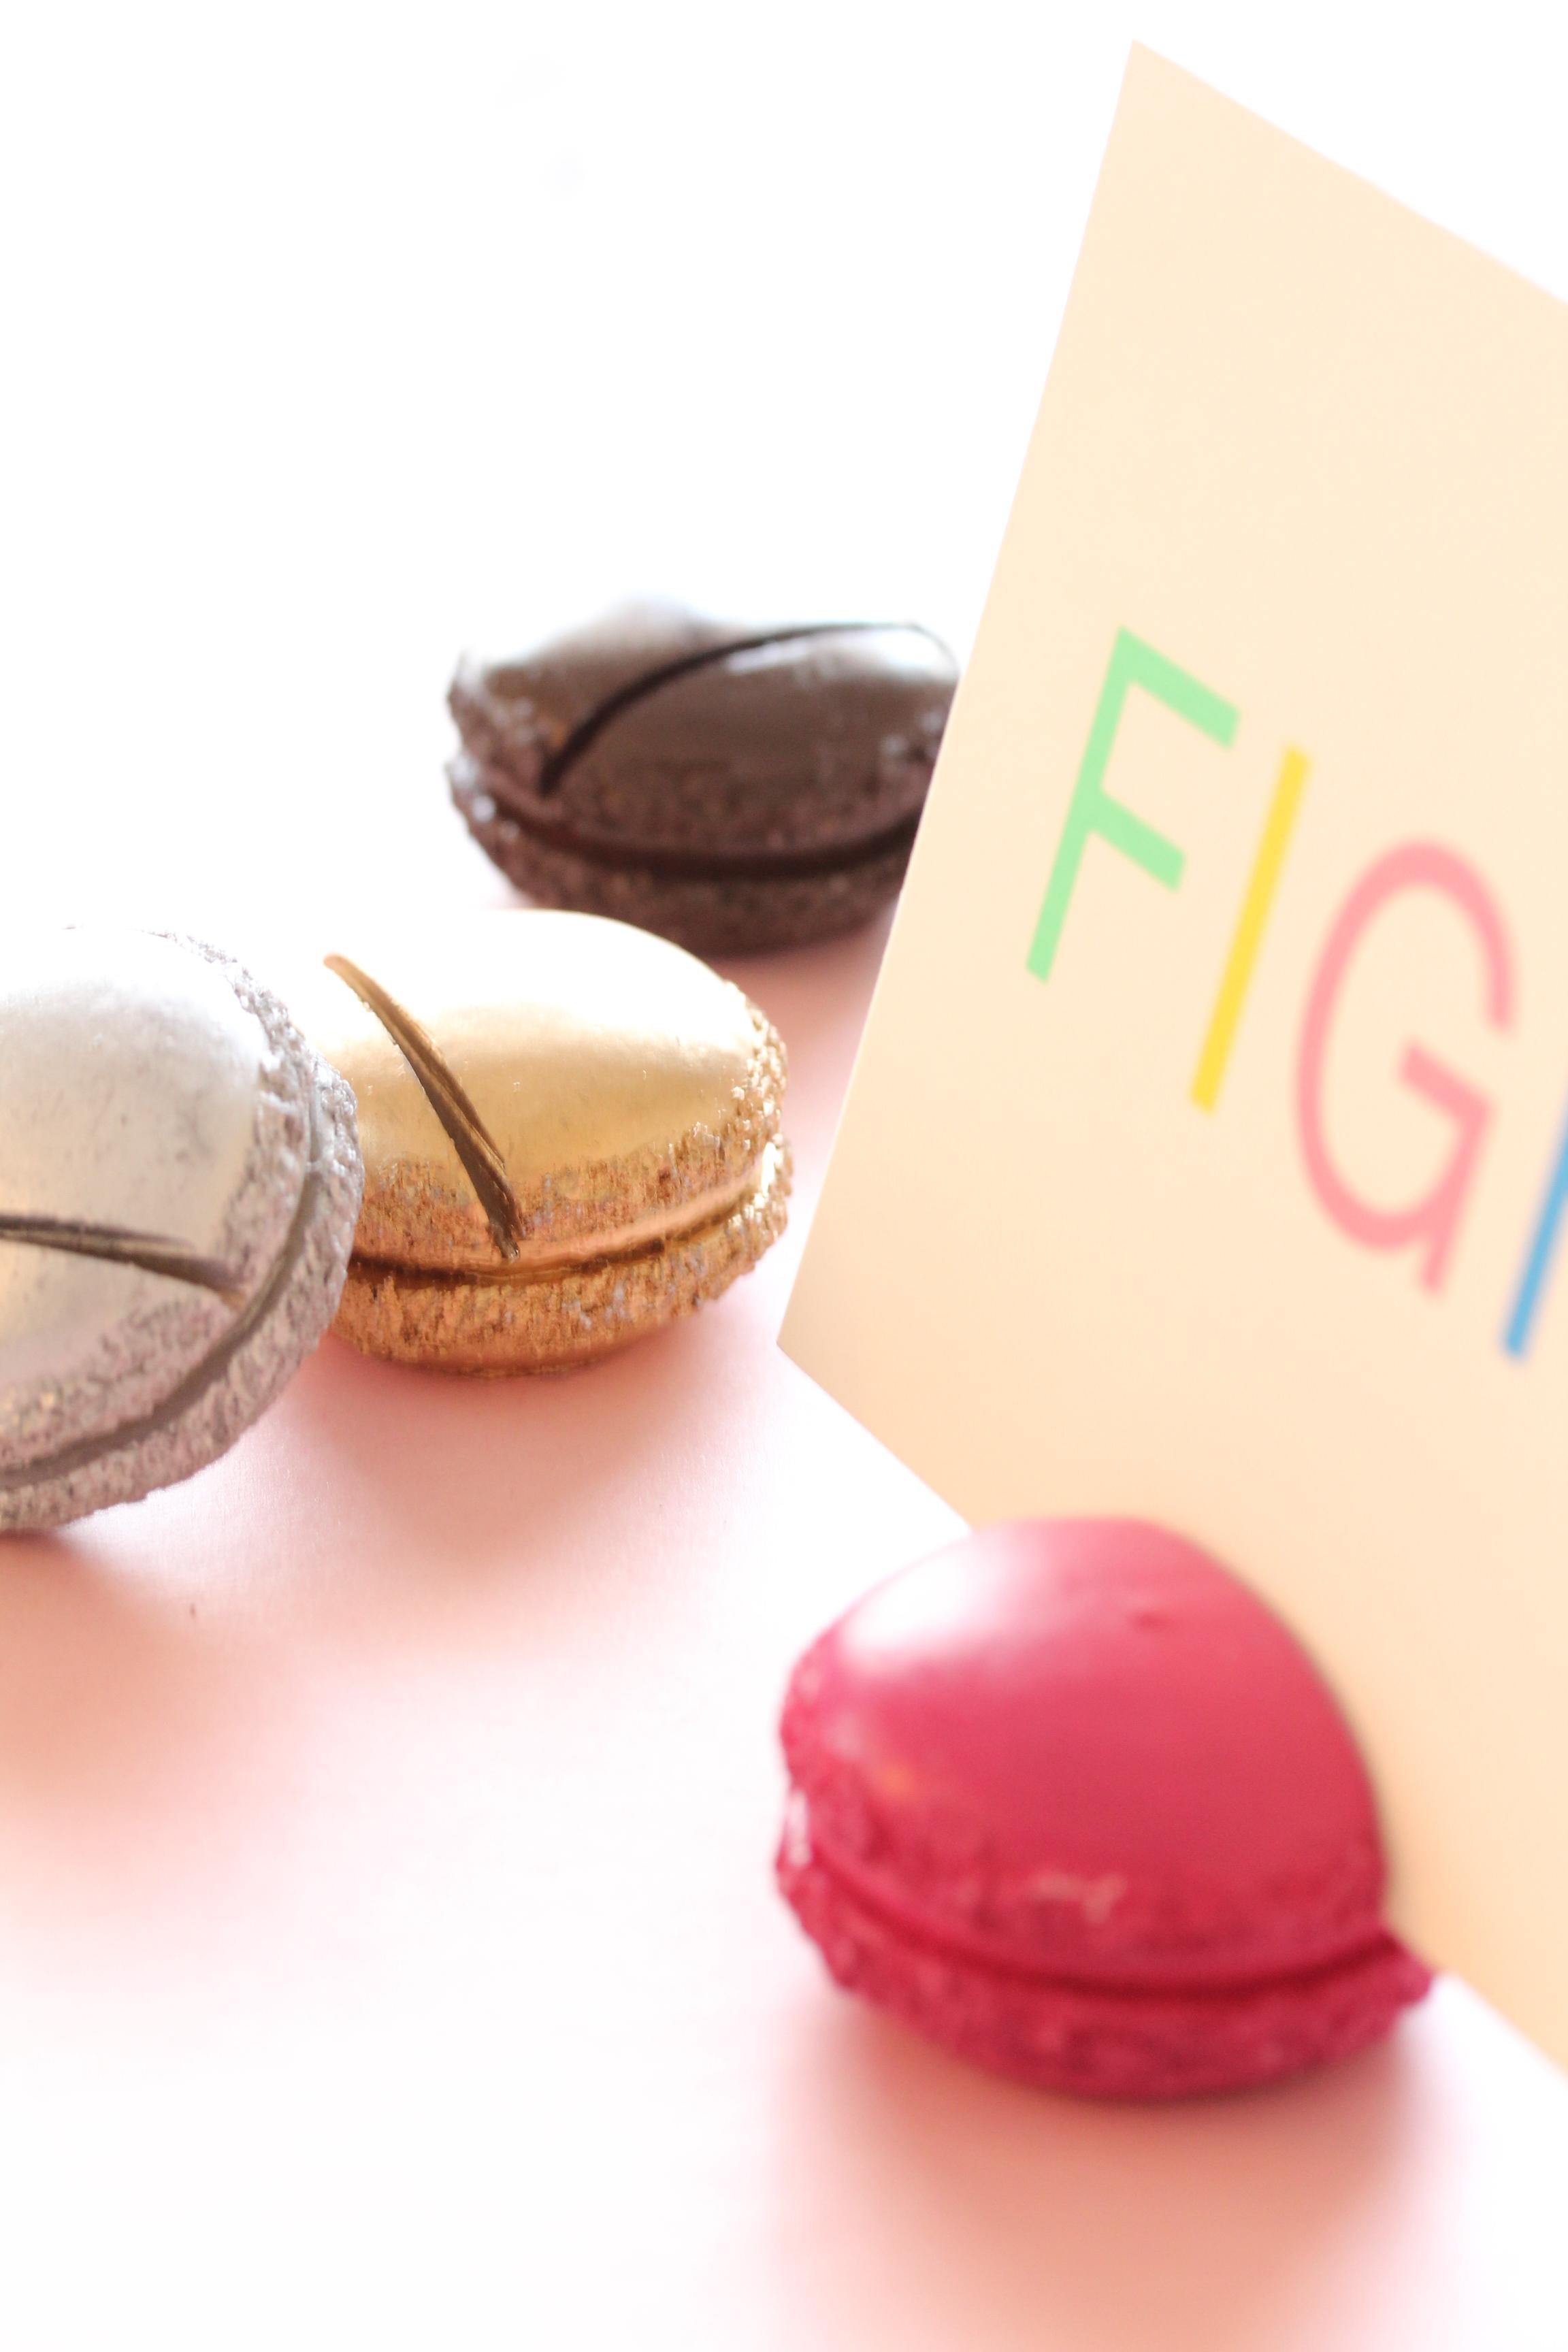 フランス雑貨・Macaronカードスタンド